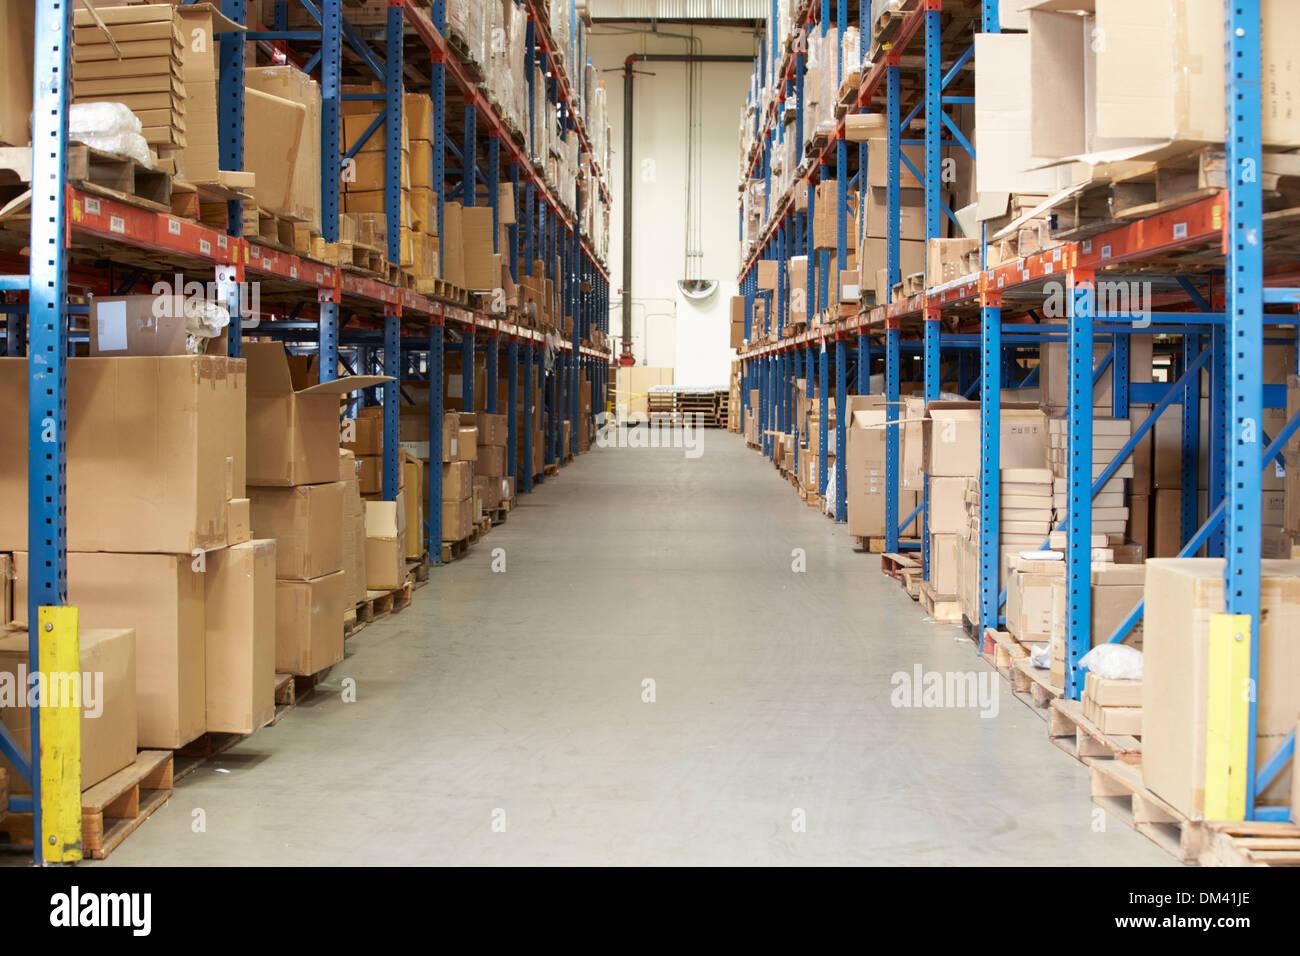 Sistemazione Merce Sugli Scaffali.Packaging On Shelves Immagini Packaging On Shelves Fotos Stock